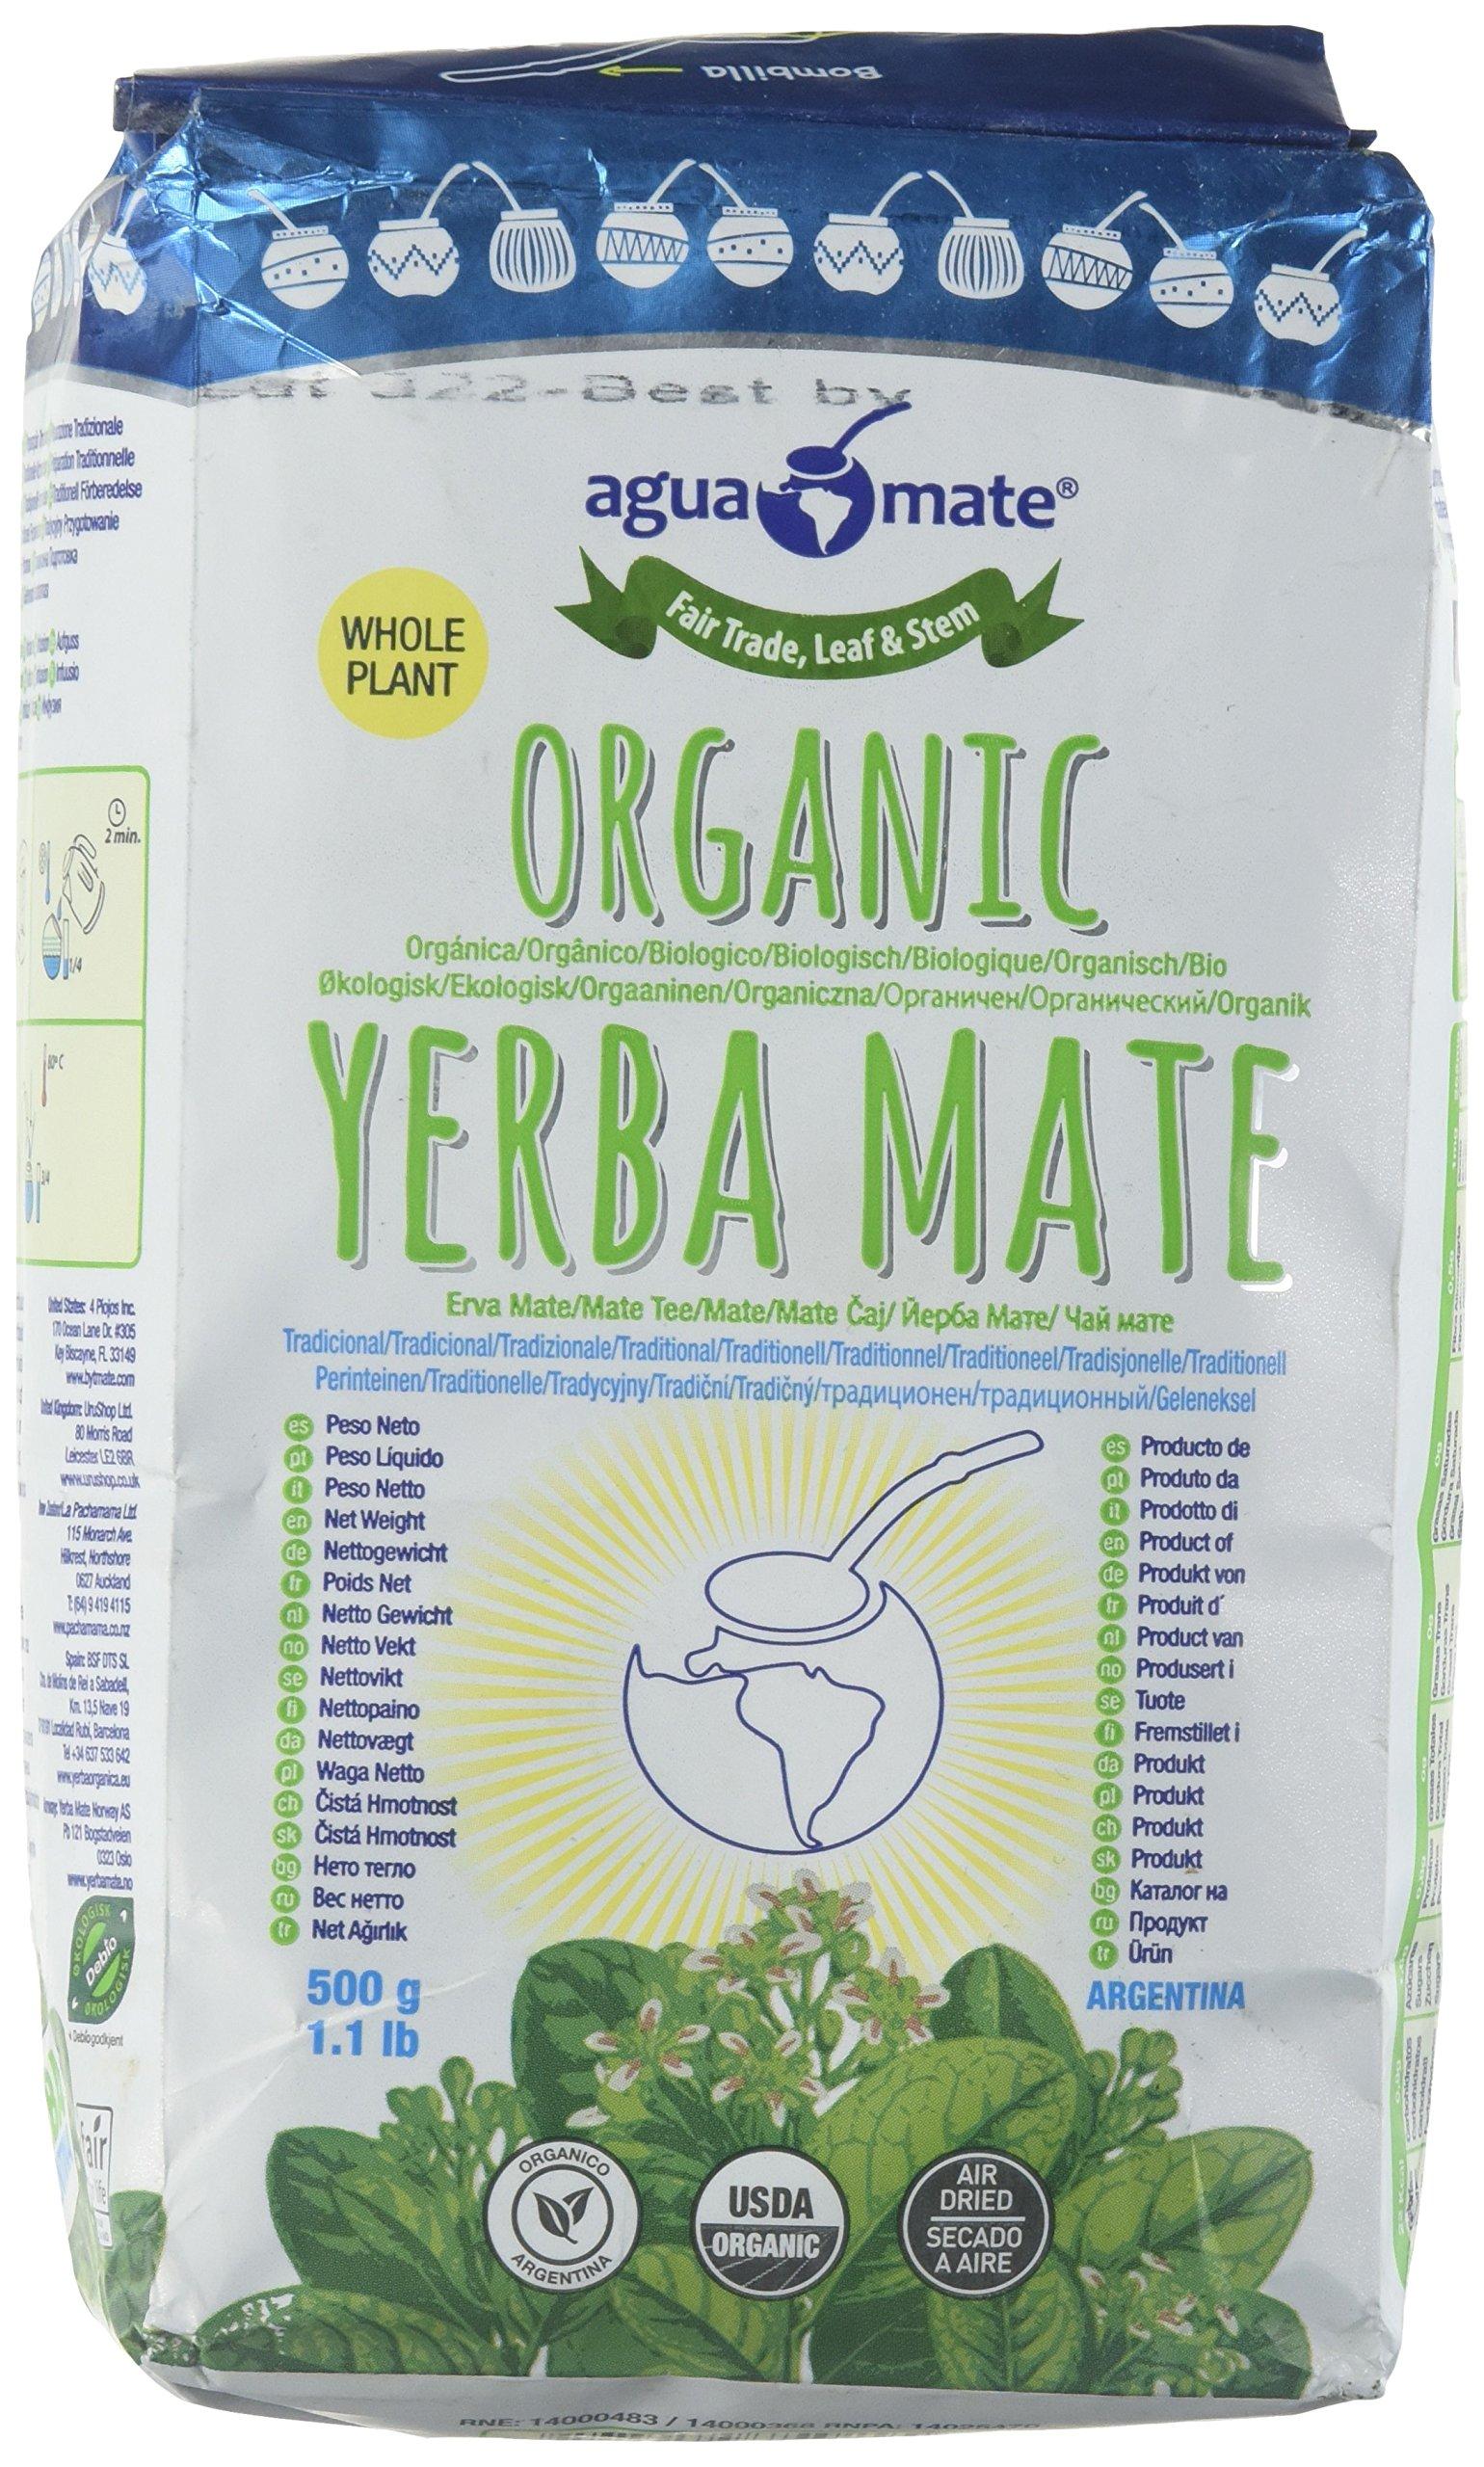 Aguamate-Organic-Mate-Tee-aus-Argentinien-500g-ungeruchert